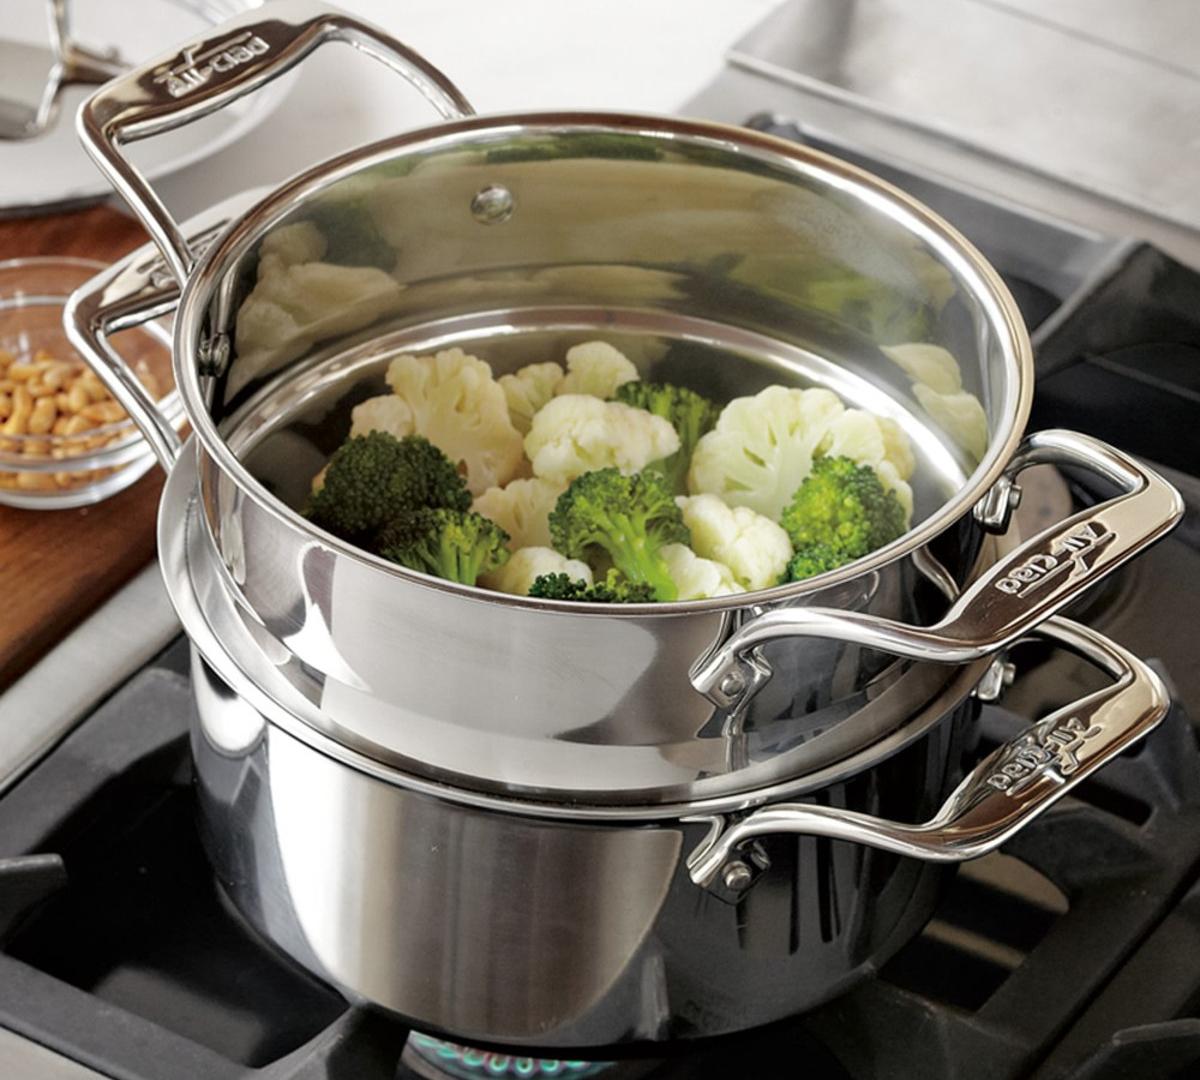 кастрюля пароварка с овощами